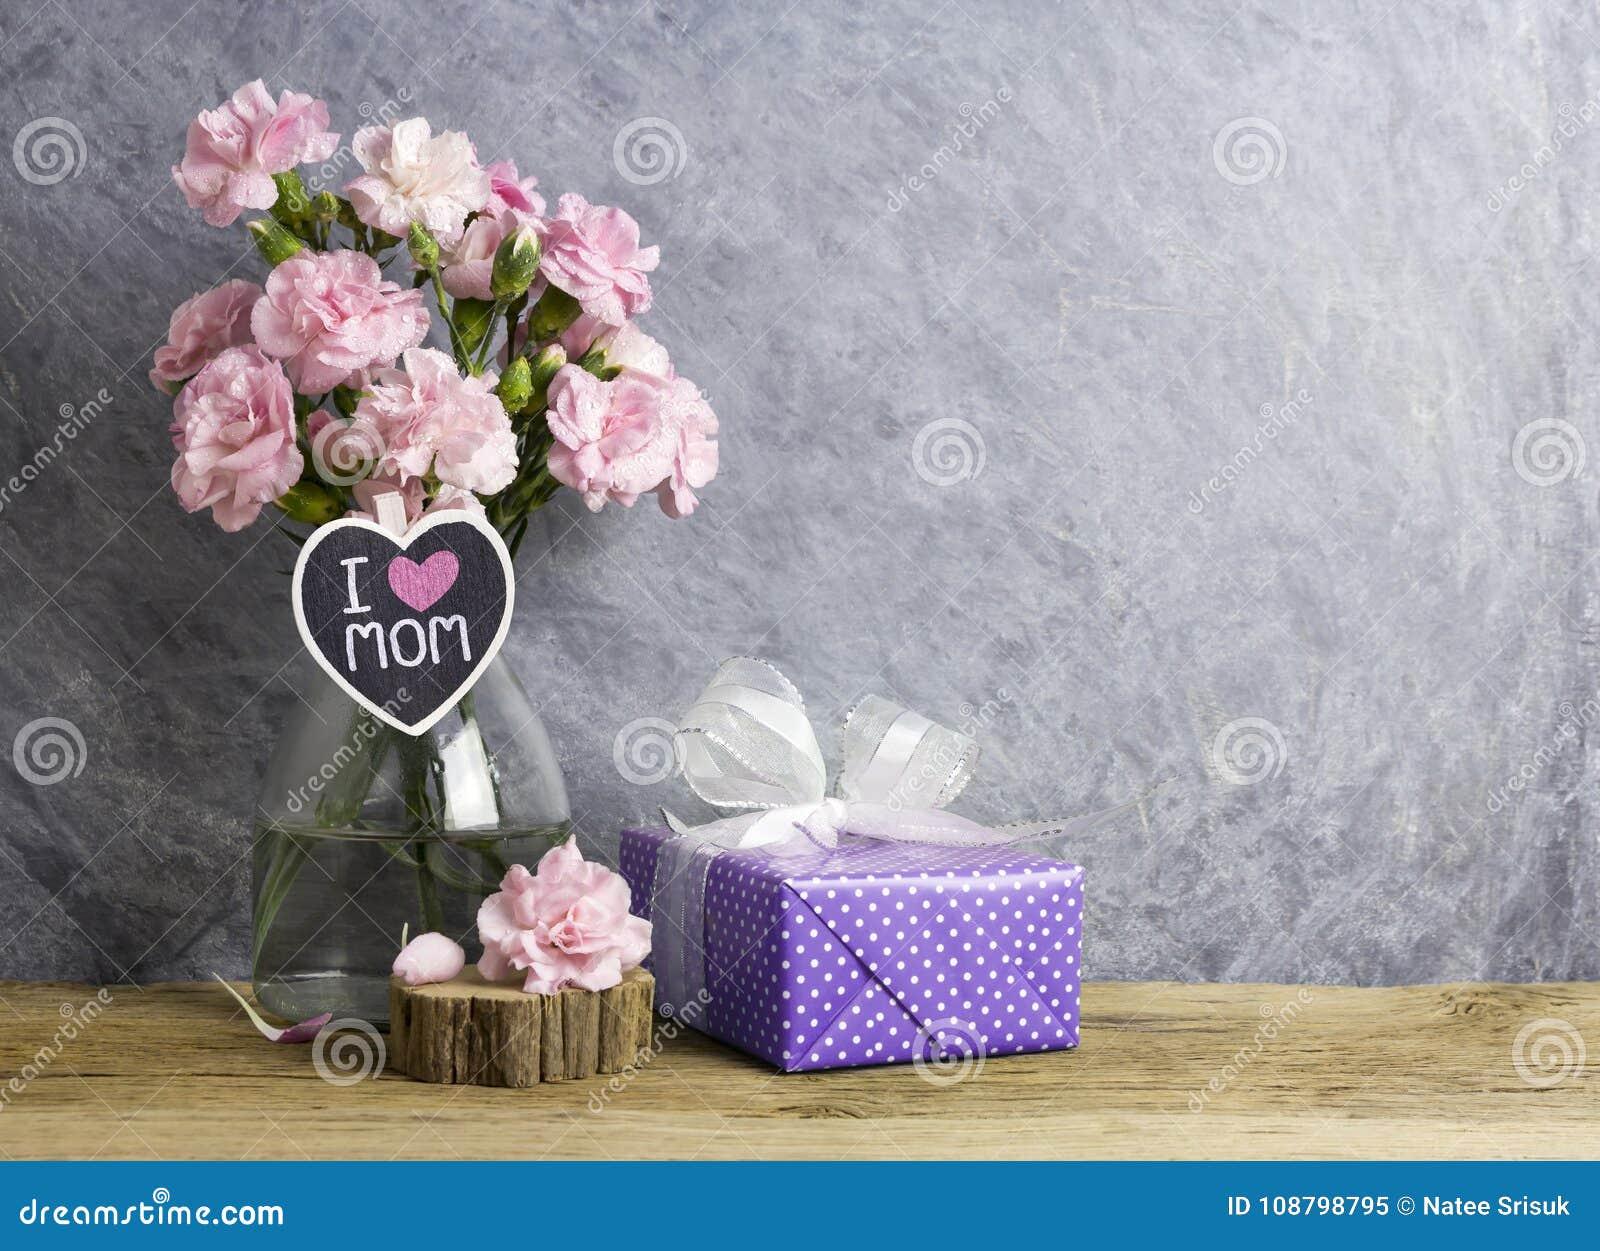 Le concept heureux de jour de mères de l oeillet rose fleurit dans la bouteille